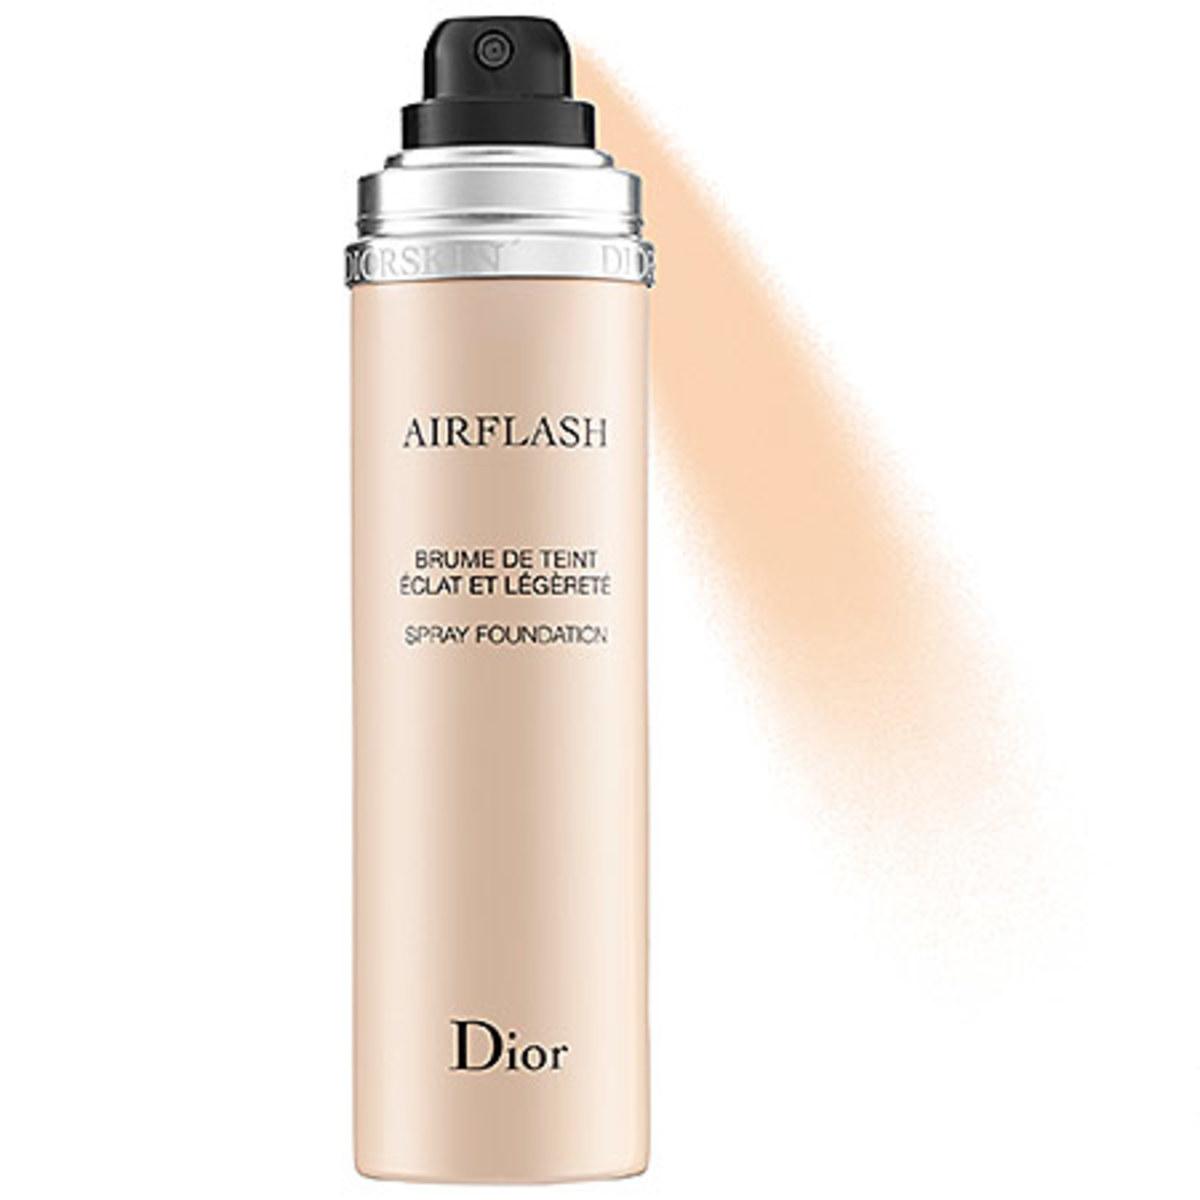 Dior Diorskin Airflash Spray Foundation in Ivory 100